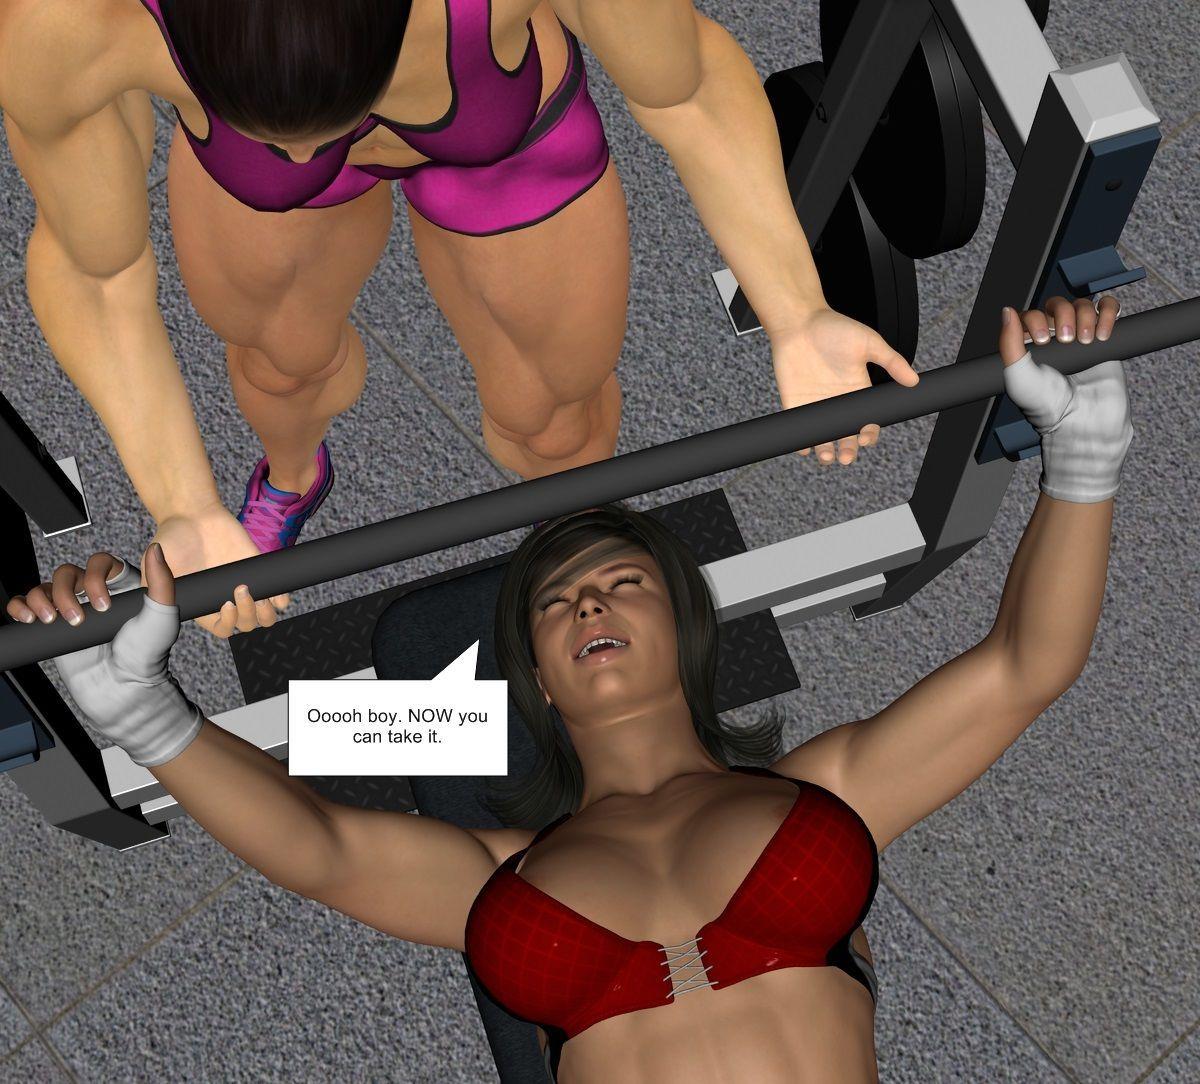 Revenge! by TST - part 4